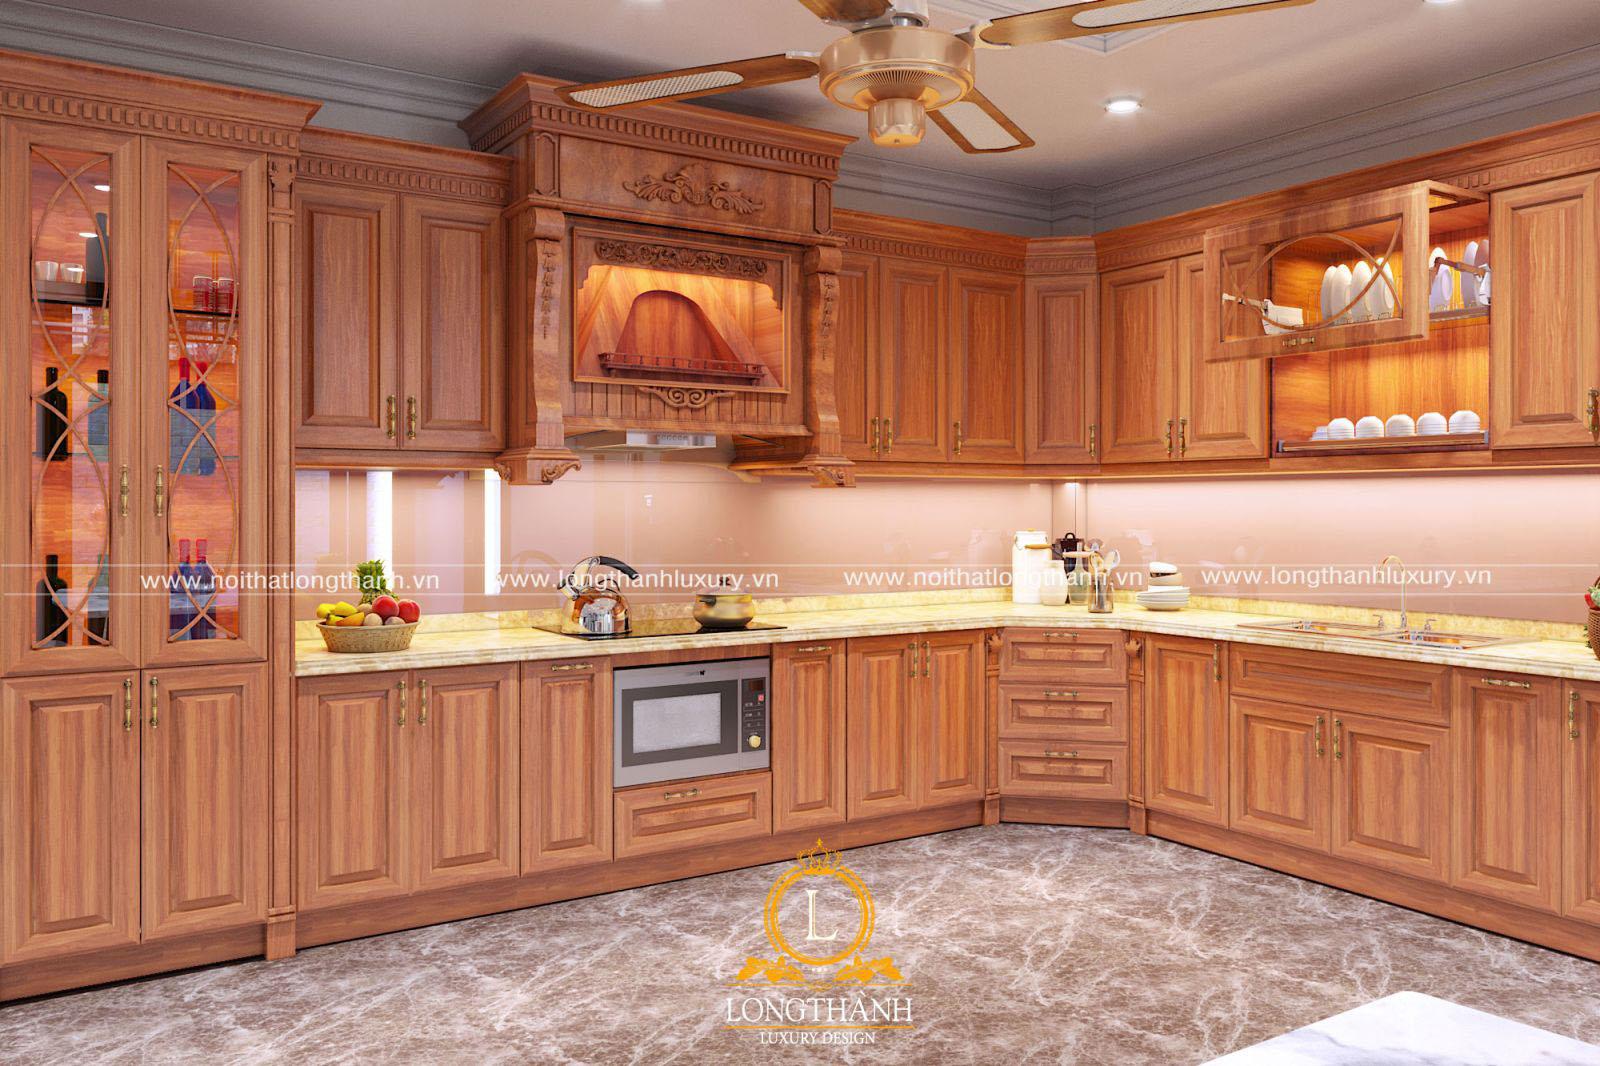 Mẫu tủ bếp tân cổ điển gỗ Gõ đỏ đẹp cho nhà biệt thự